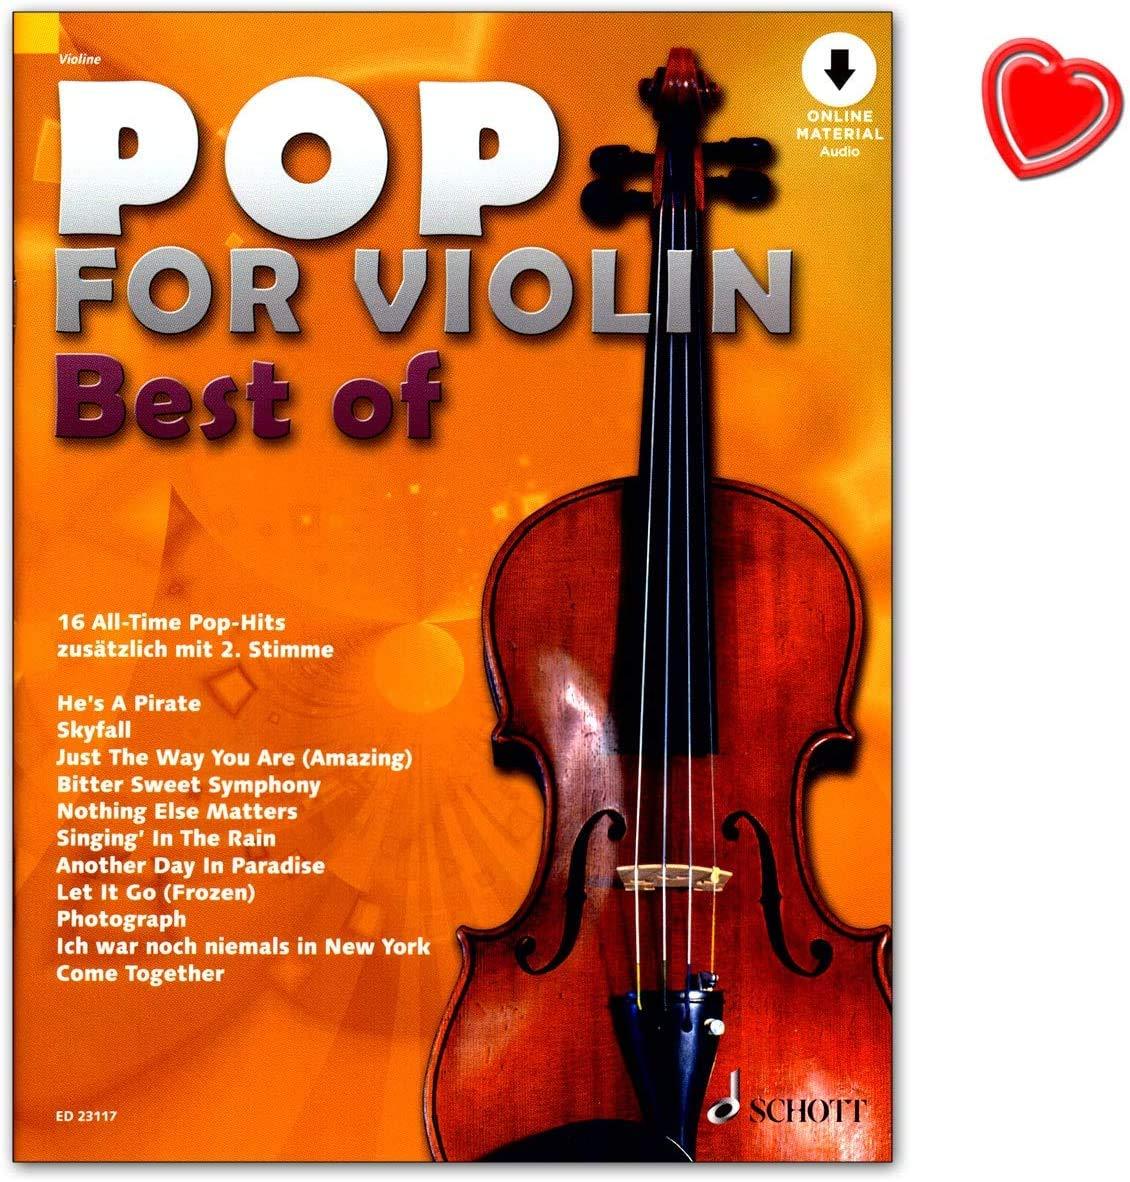 Pop for Violin : Best of - 16 juegos de pop hits todo en uno - El ...